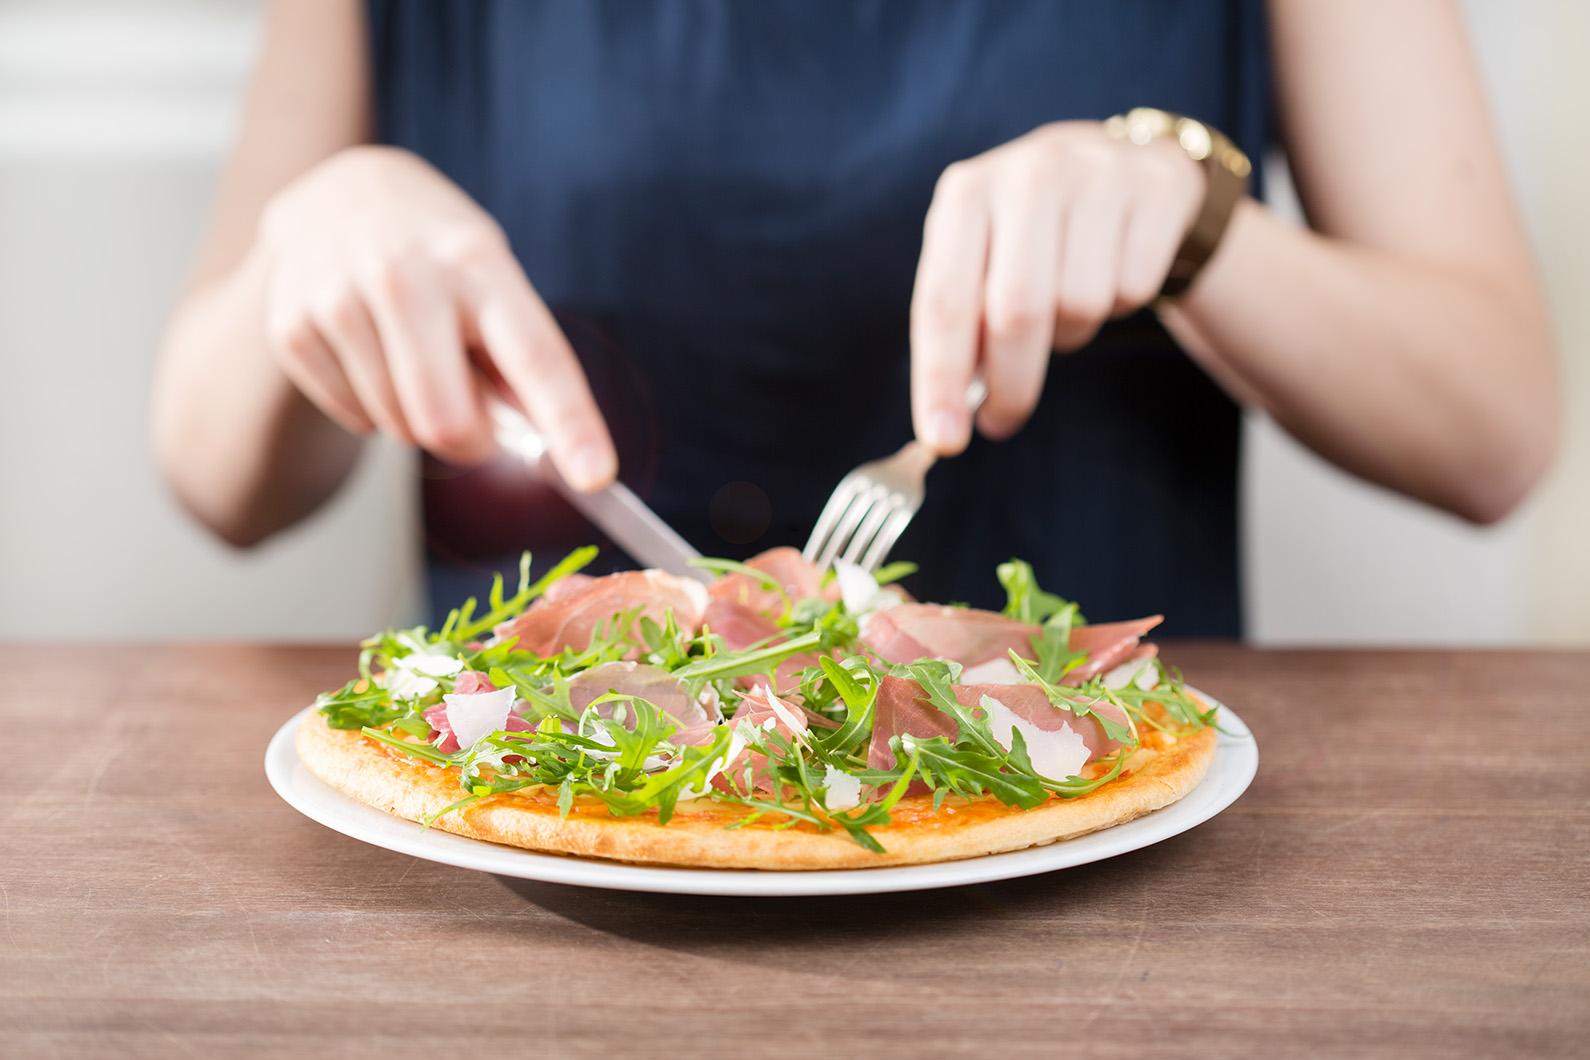 Fotos de MUNDFEIN Pizzawerkstatt Geesthacht